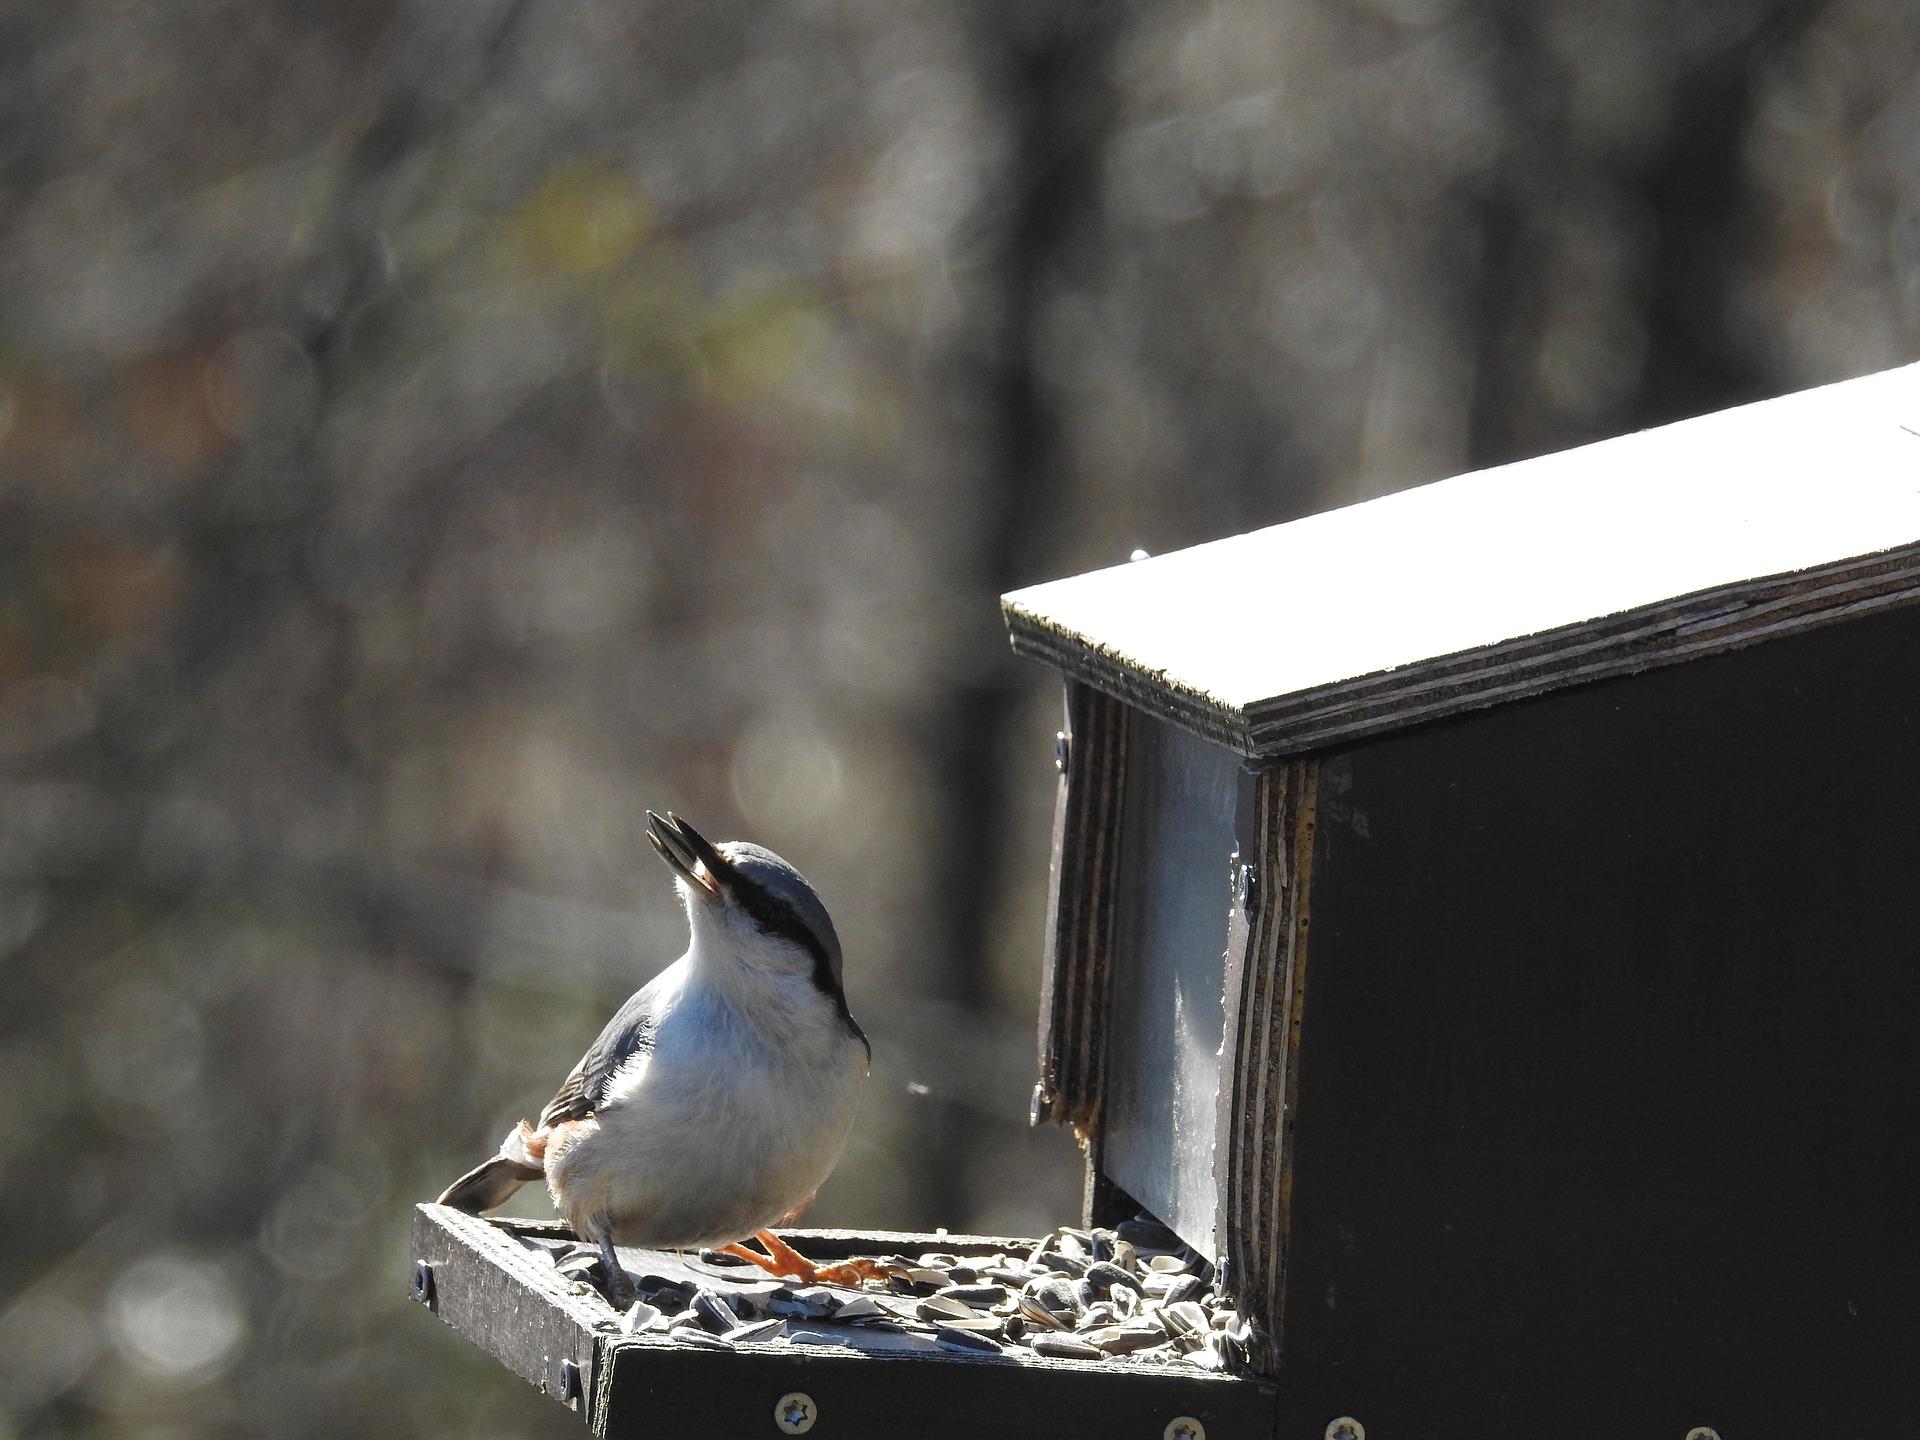 small-birds-2106602_1920.jpg